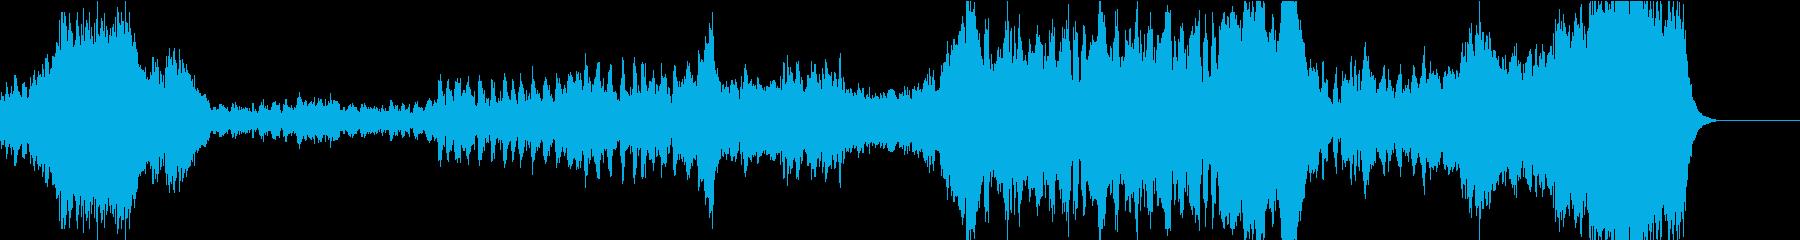 さわやかなオーケストラOP風曲の再生済みの波形